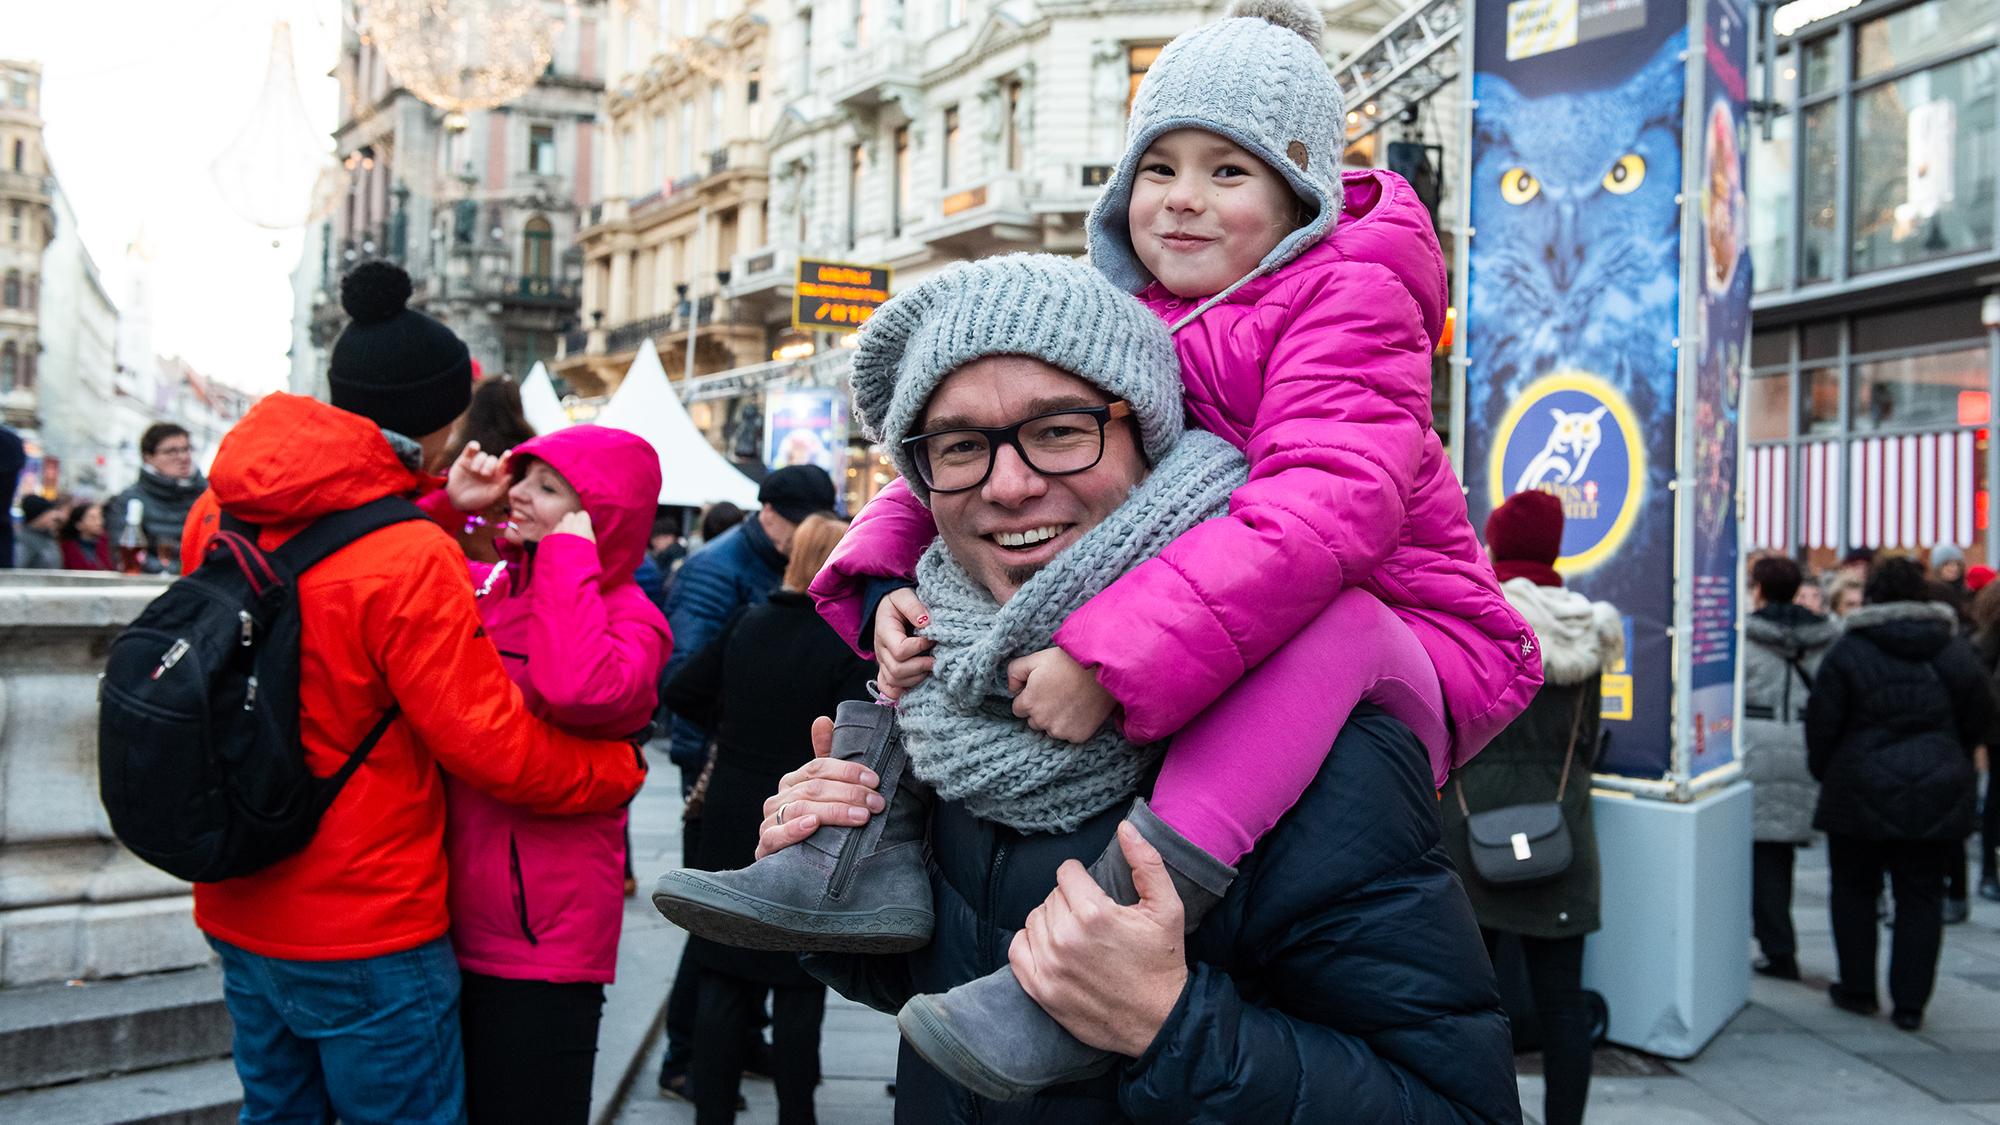 Ein Vater mit seiner Tochter auf den Schultern